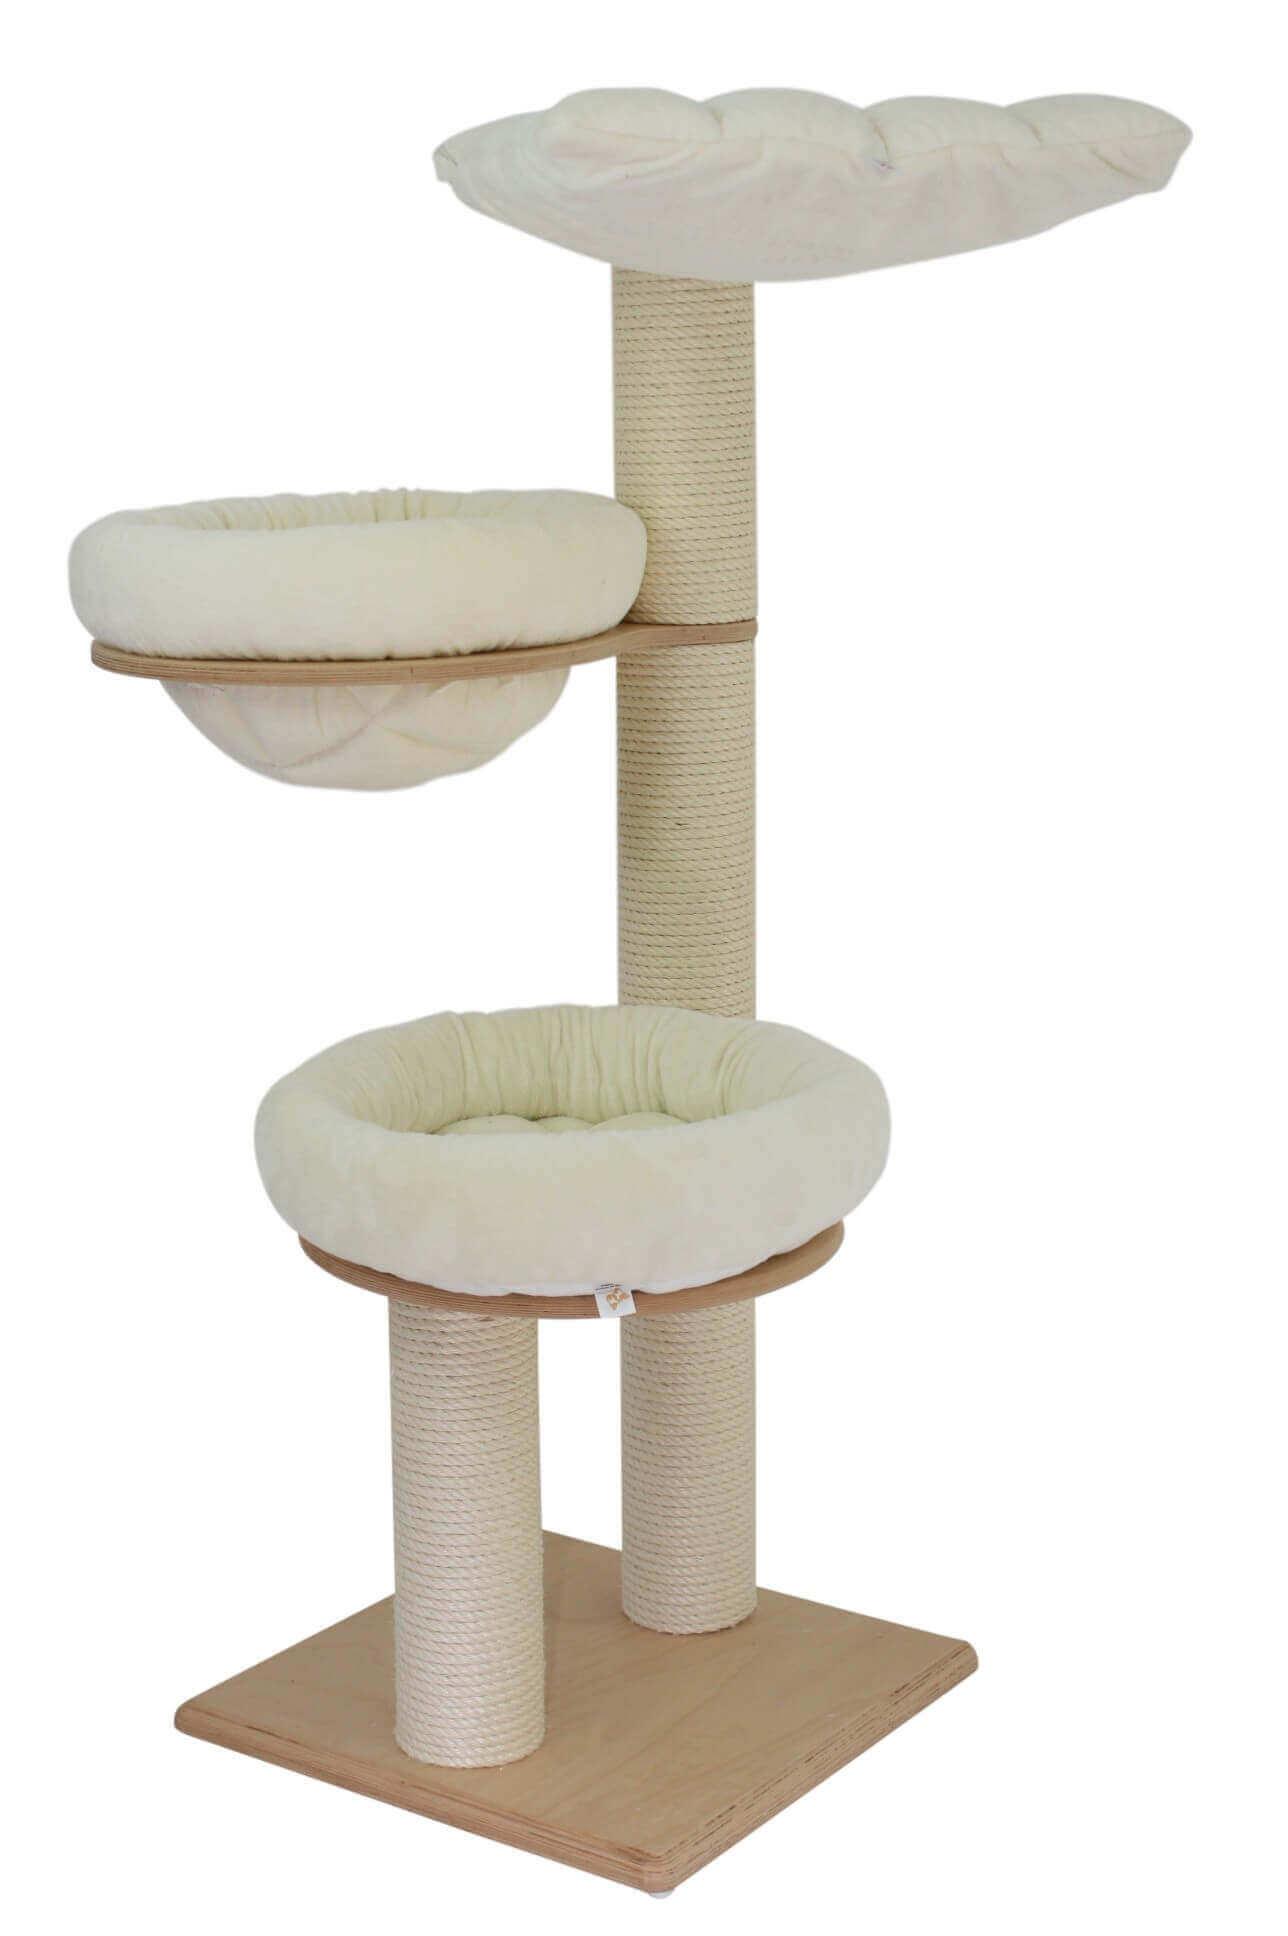 arbre a chat naturel fashion designs. Black Bedroom Furniture Sets. Home Design Ideas